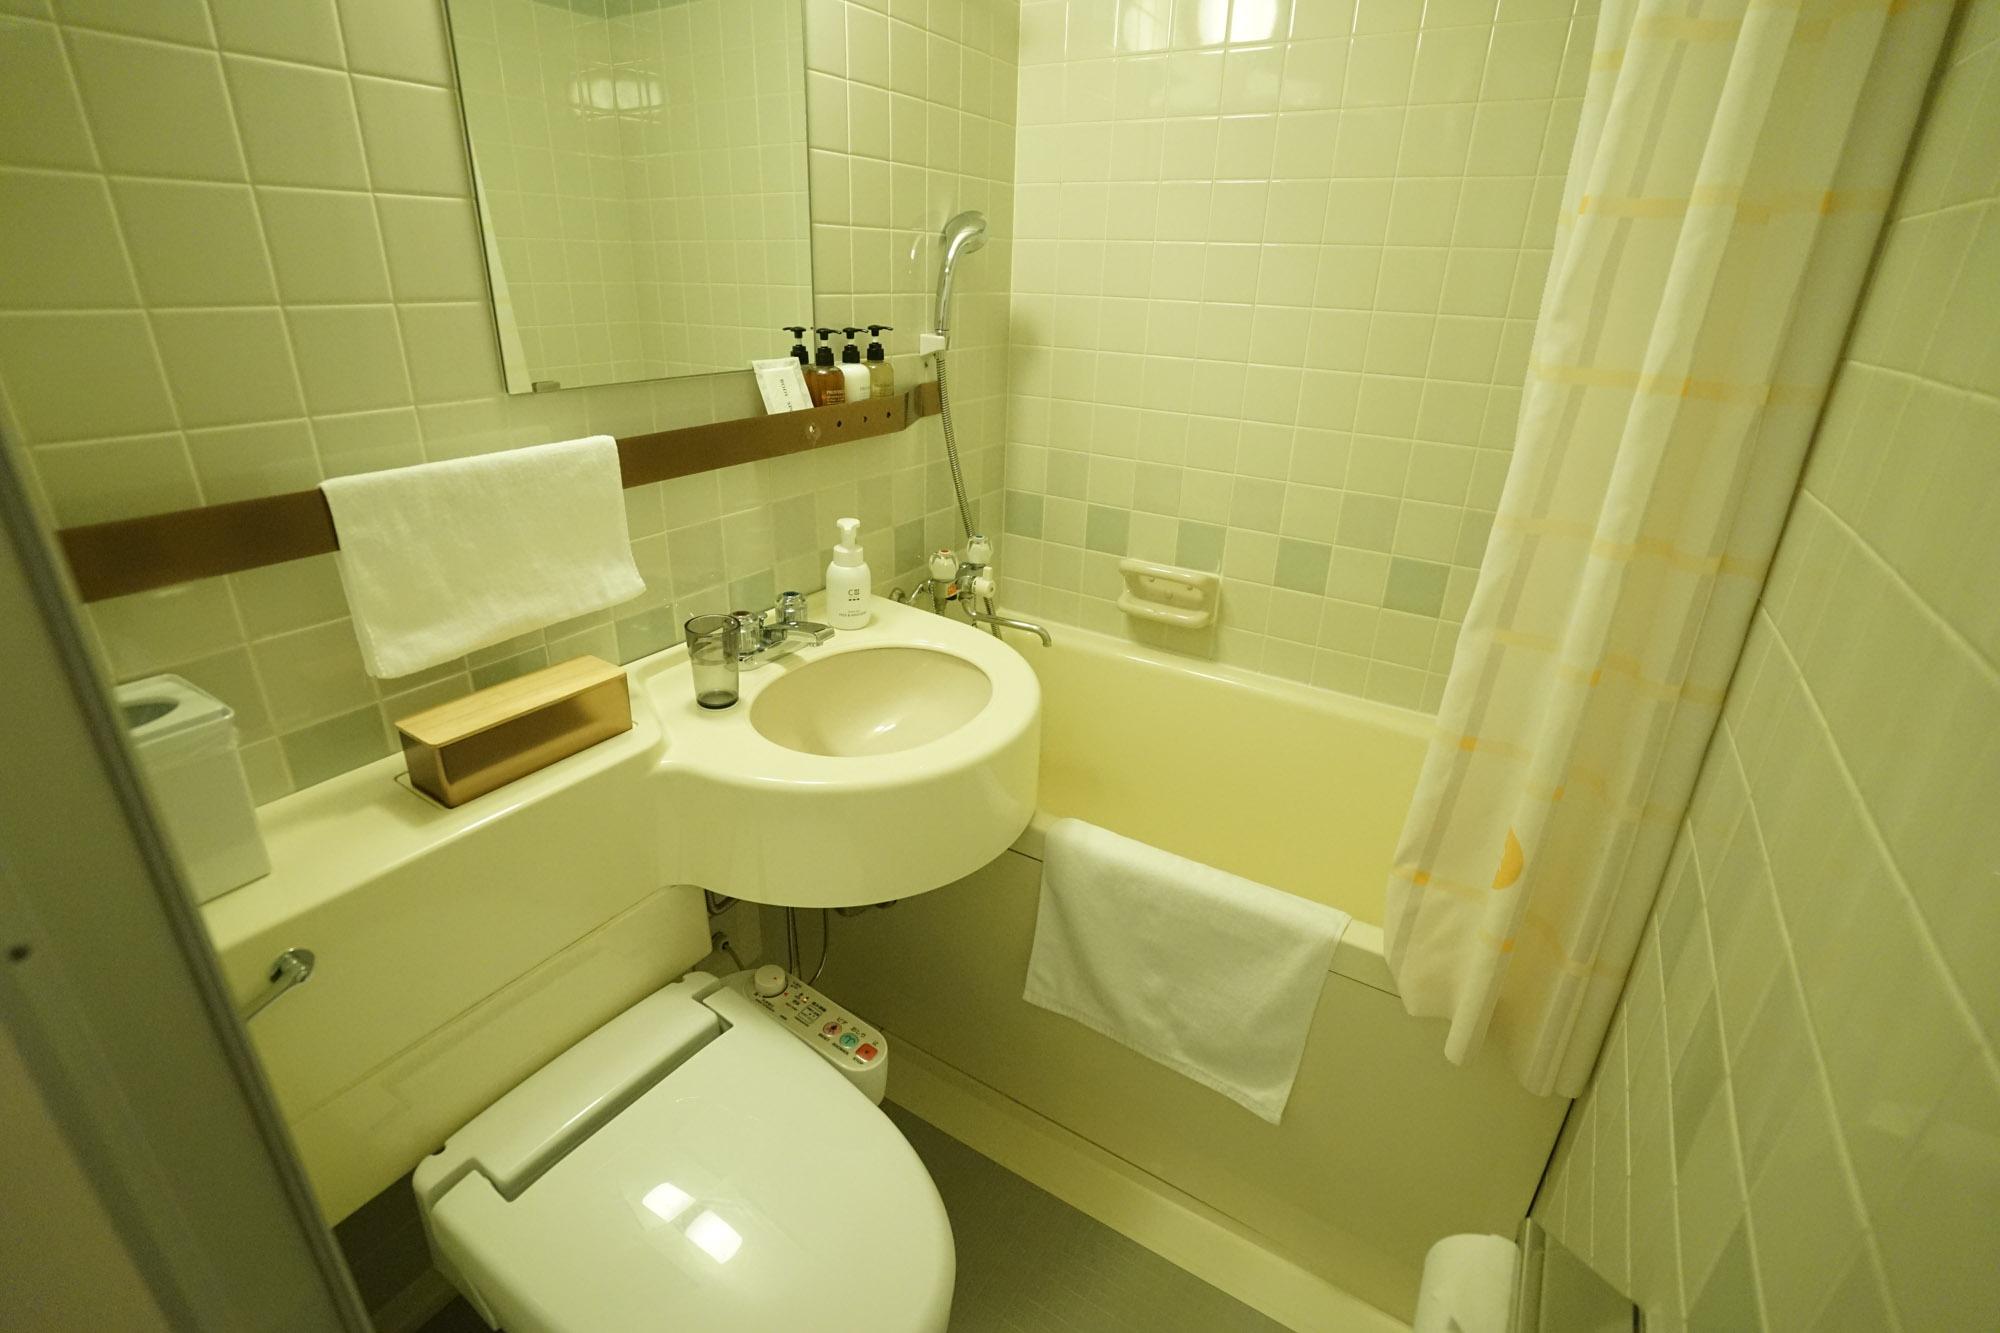 こちら、3点ユニットのバスルームです。元学生寮のレトロさを少し感じますが、清潔に保たれています。各部屋に専用のバスルームがあるのはやはり便利。